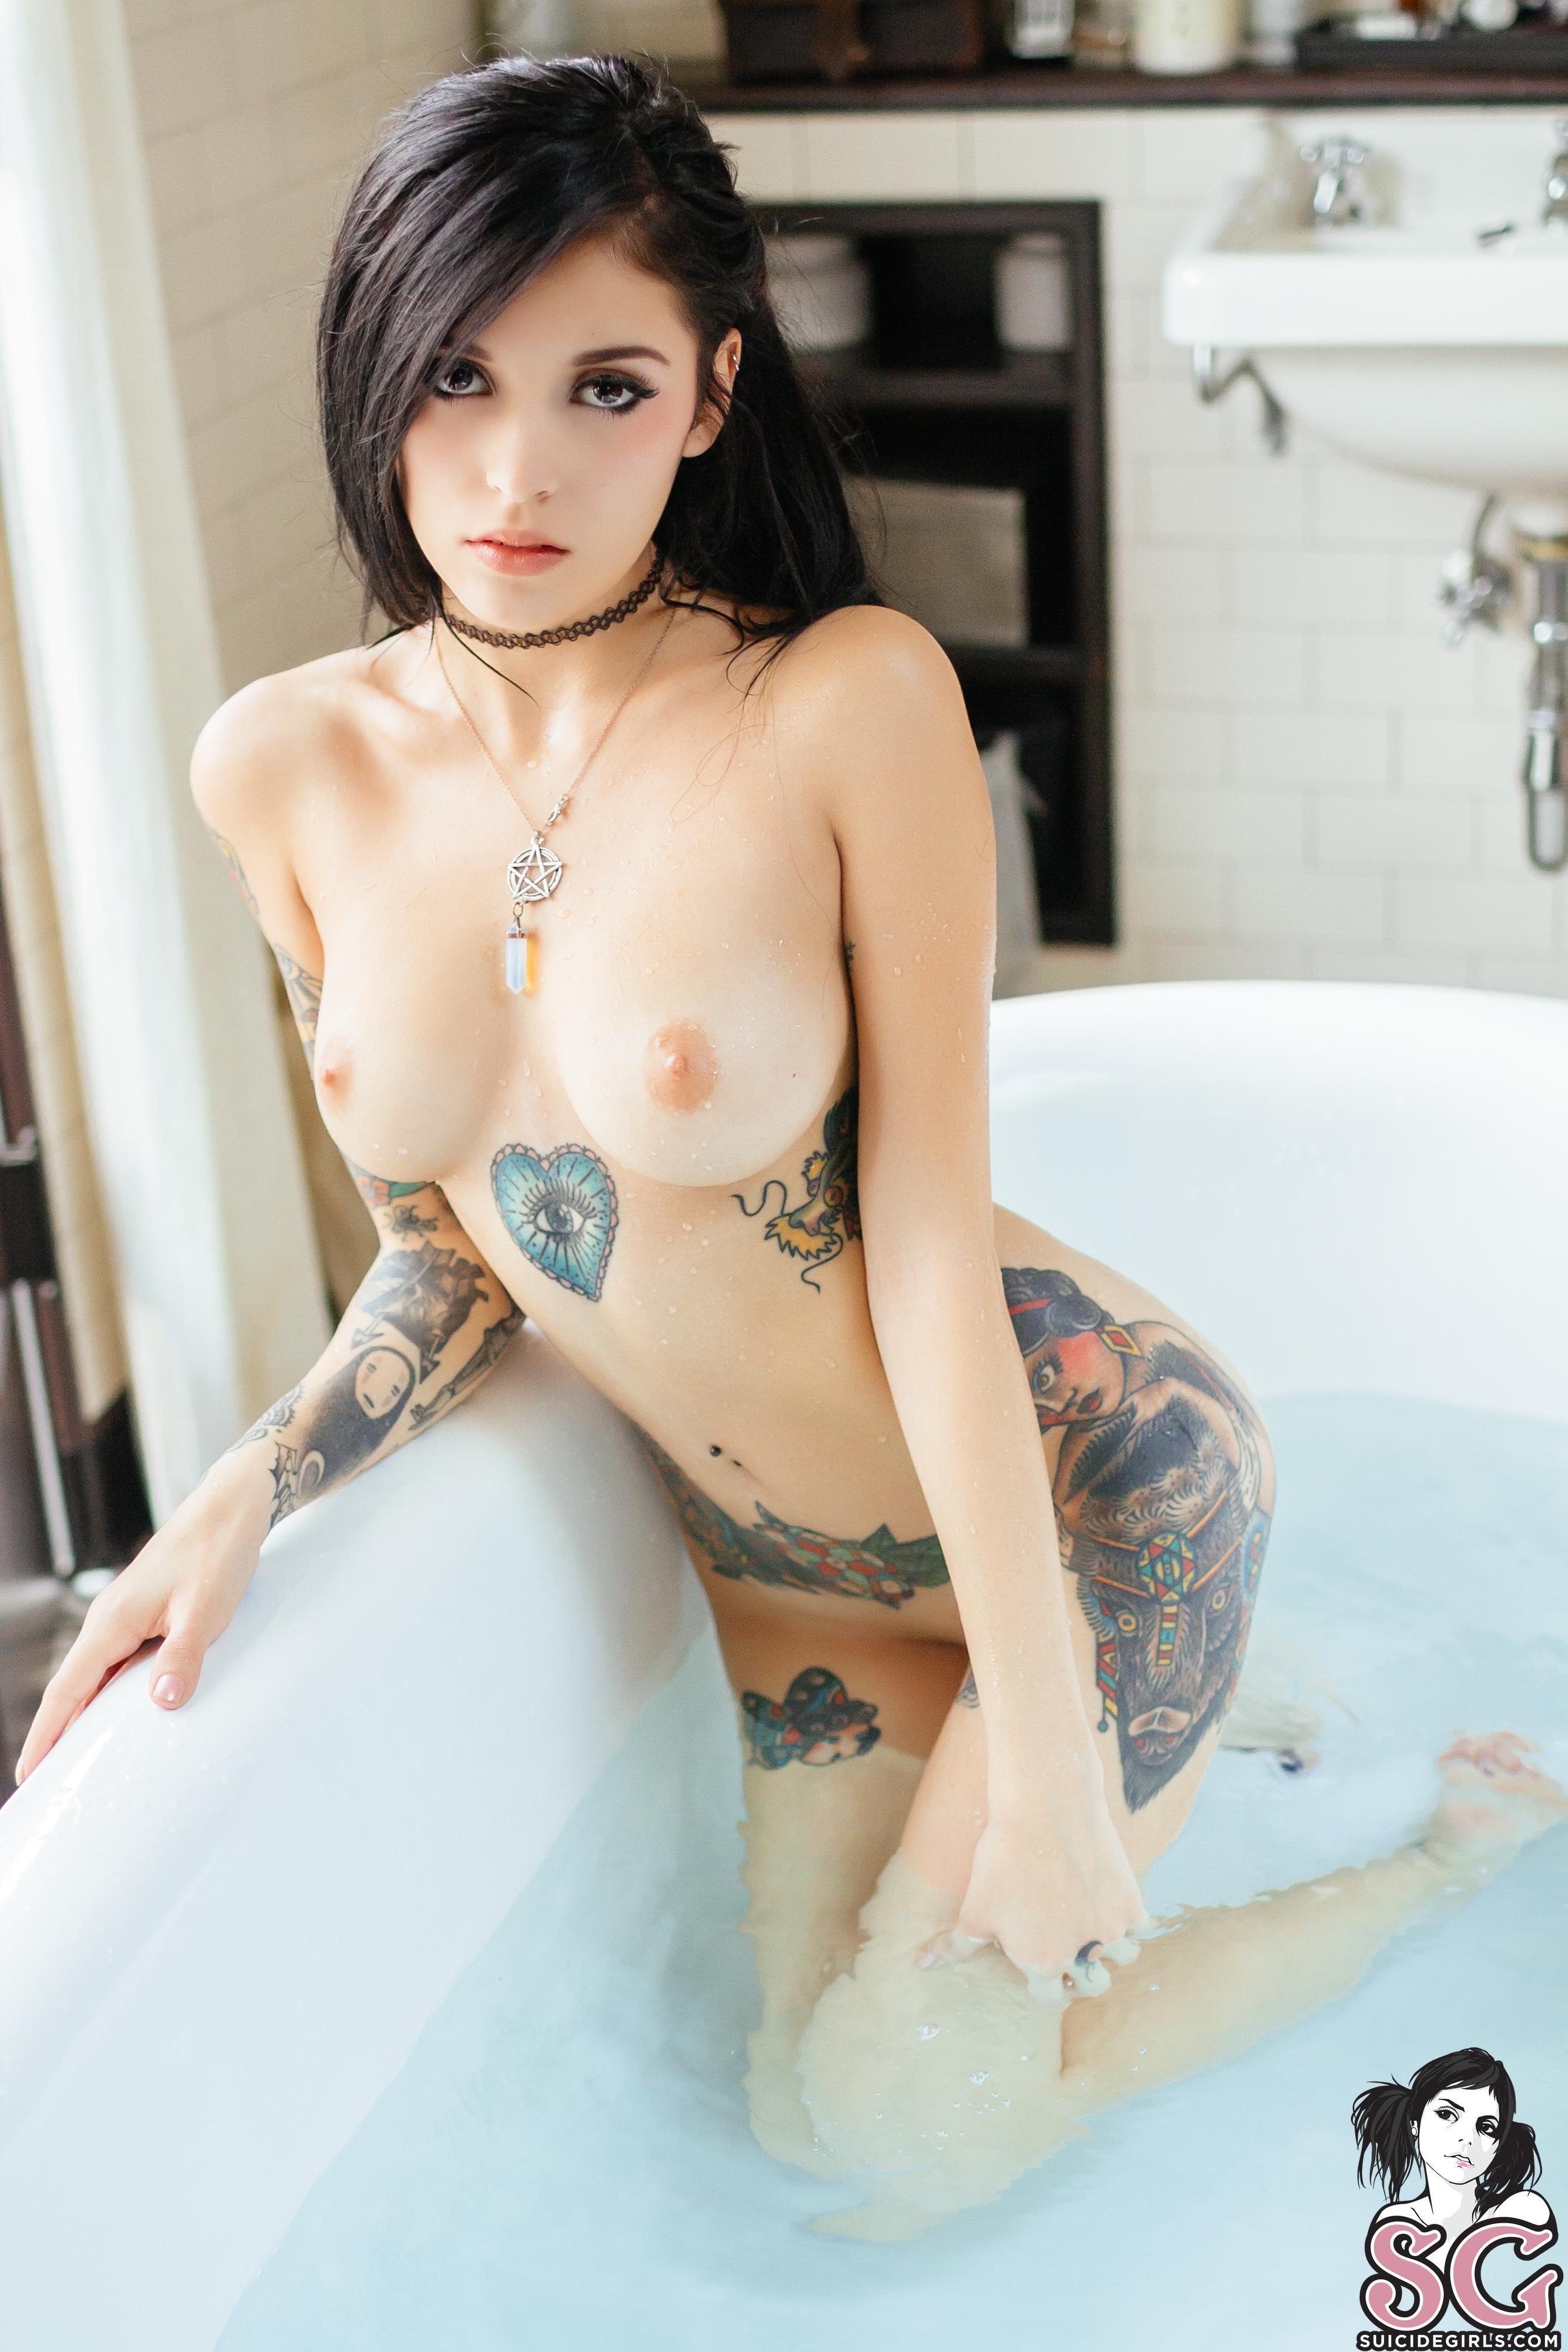 Andrea De Castro Desnuda naked sara rue - megapornx